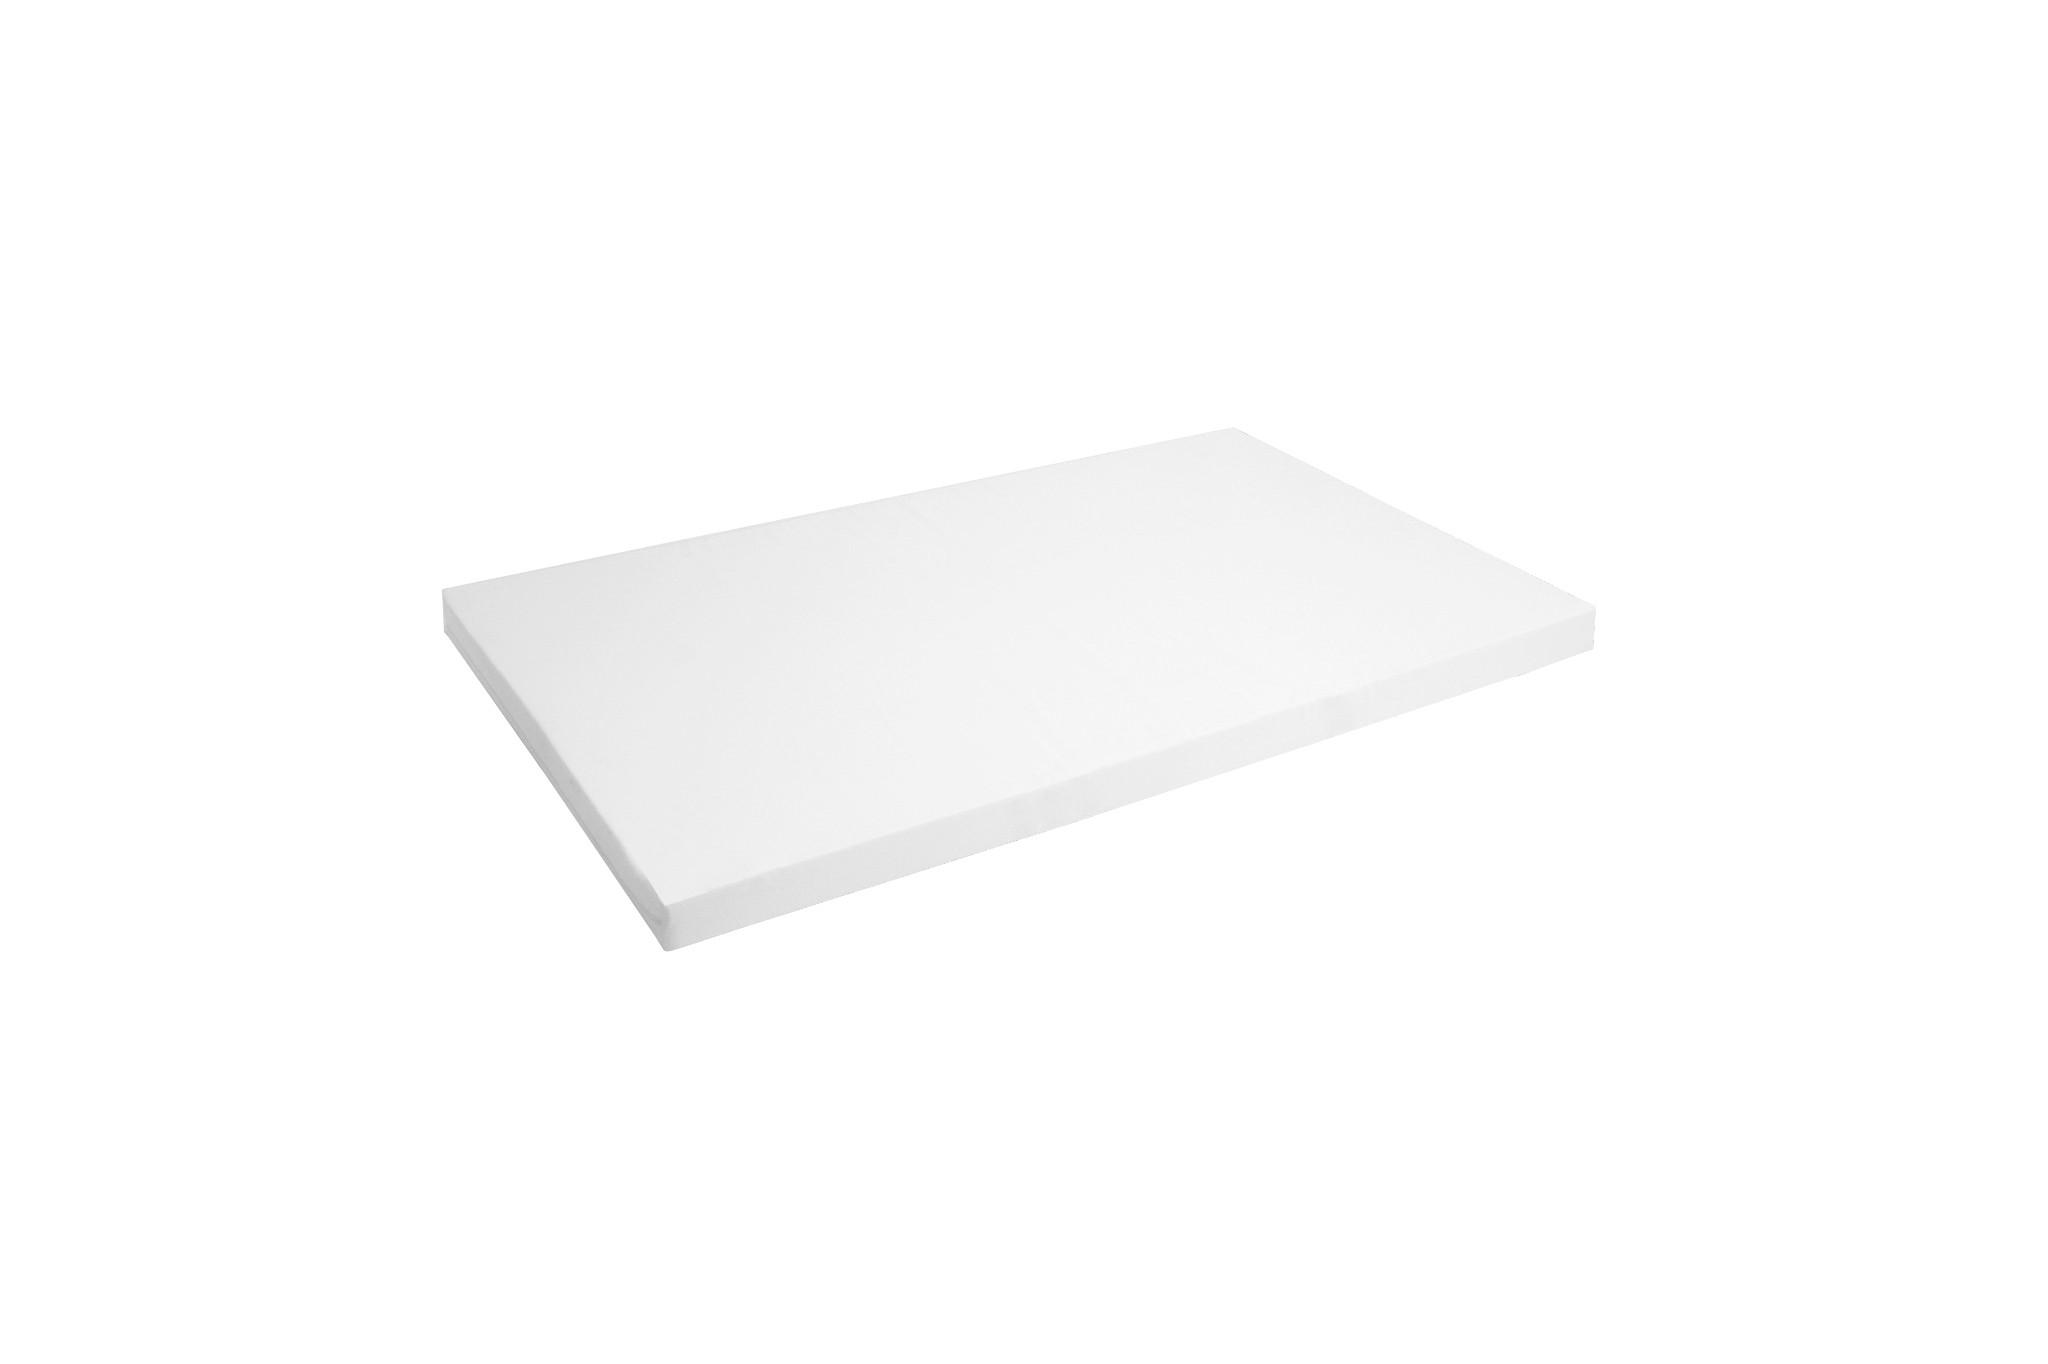 Best For You - Comfort Matratze ab 60x120x14 cm bis 200x200x14 cm aus TÜV geprüftem Schaumstoff, ideal für Gästebetten und als K